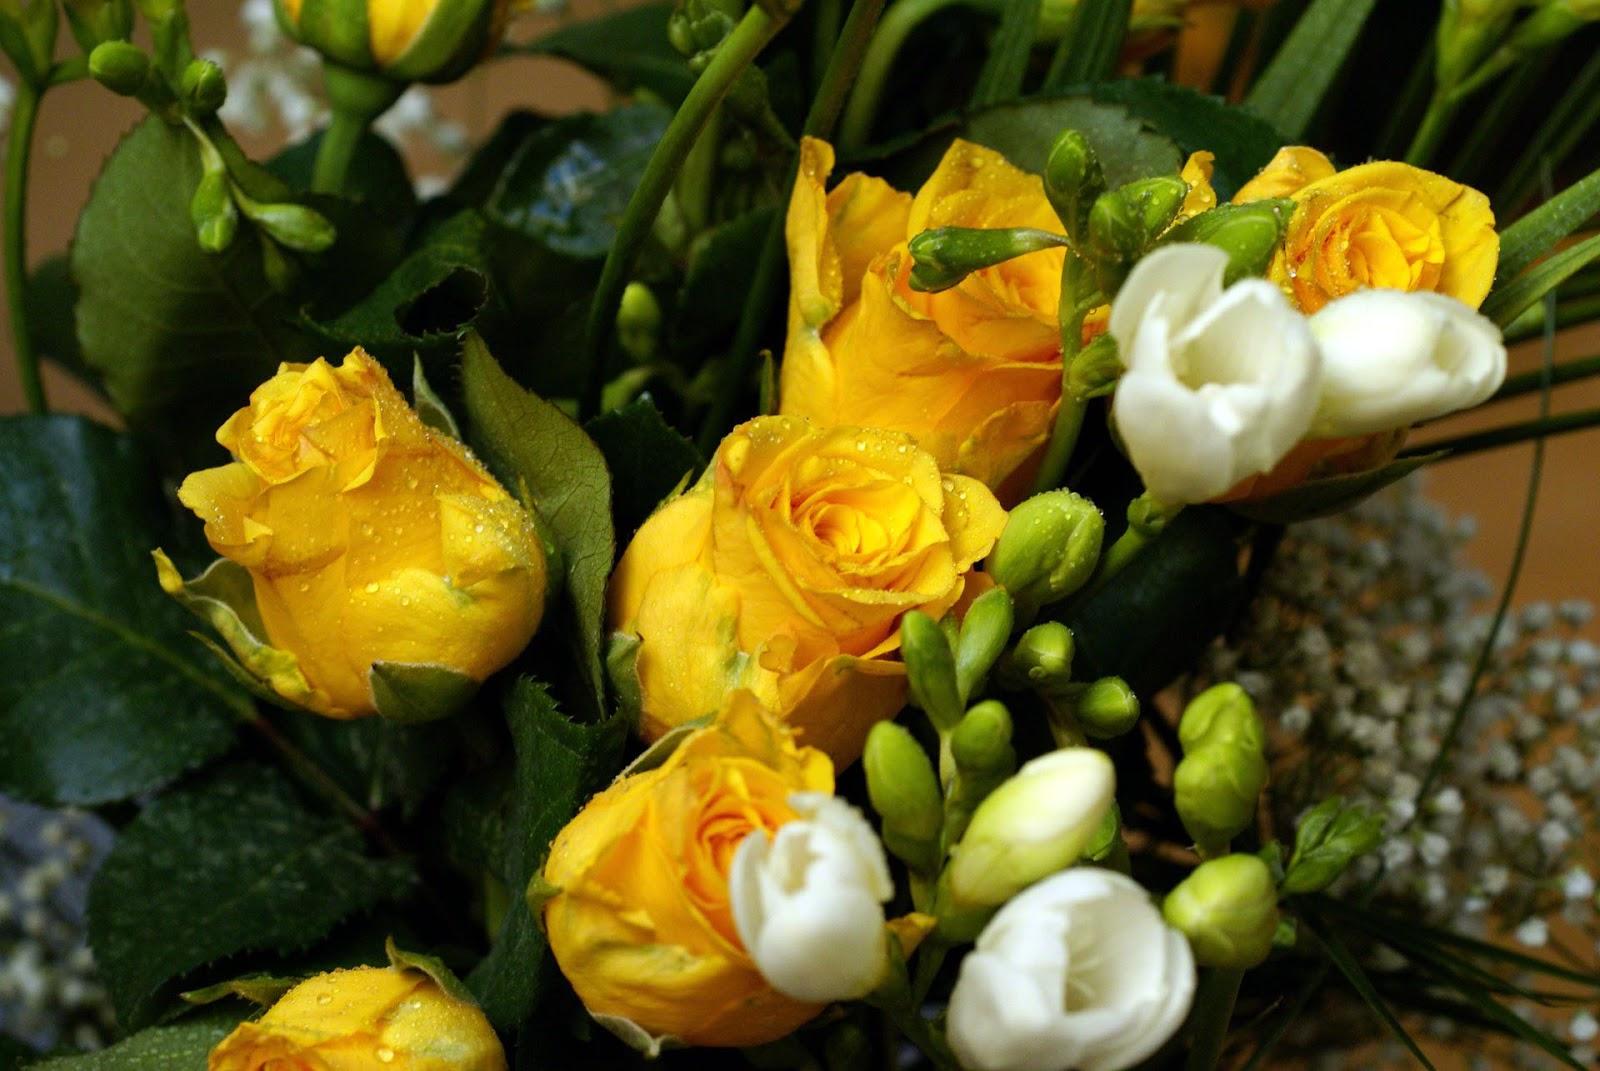 Violetas el lenguaje de las rosas - Significado rosas amarillas ...